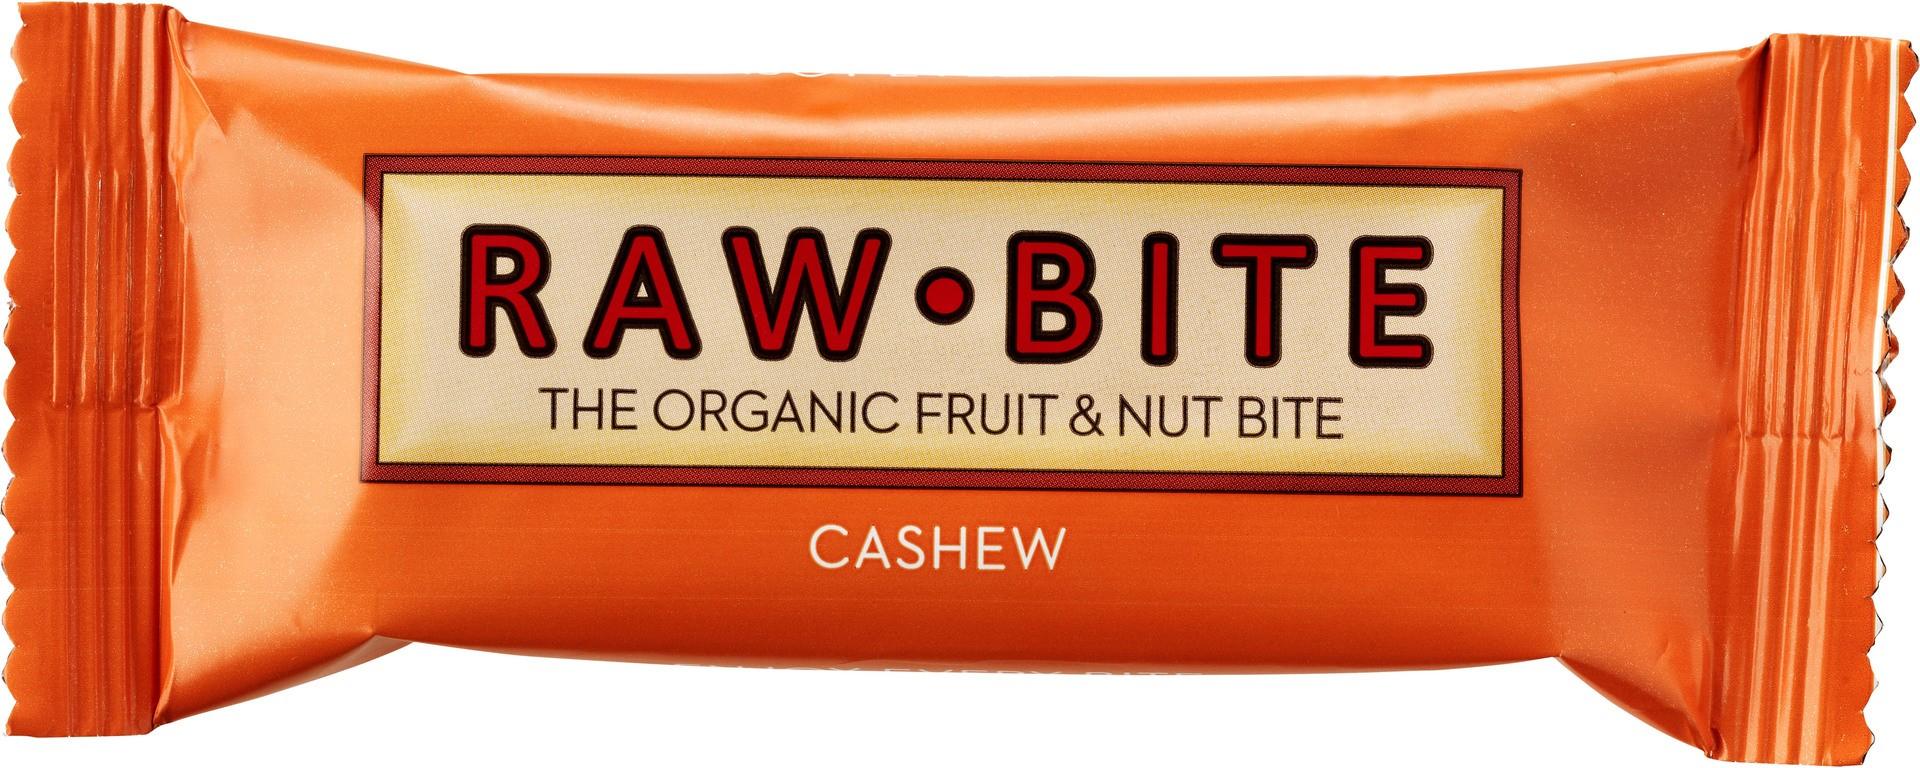 Biologische raw.bite Fruit & nut bite cashew 50 gr